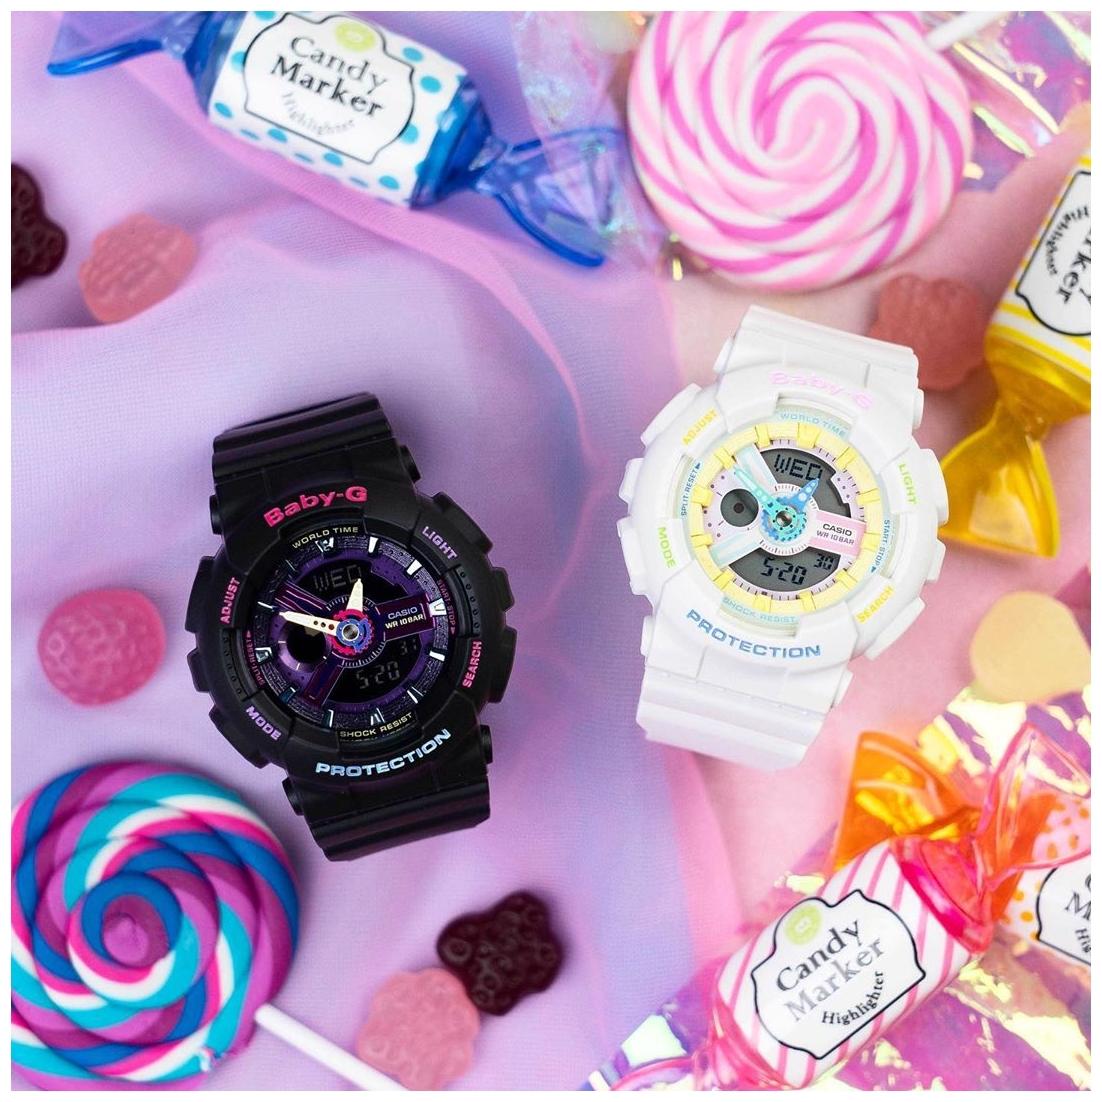 The Casio Baby-G Decora Watches